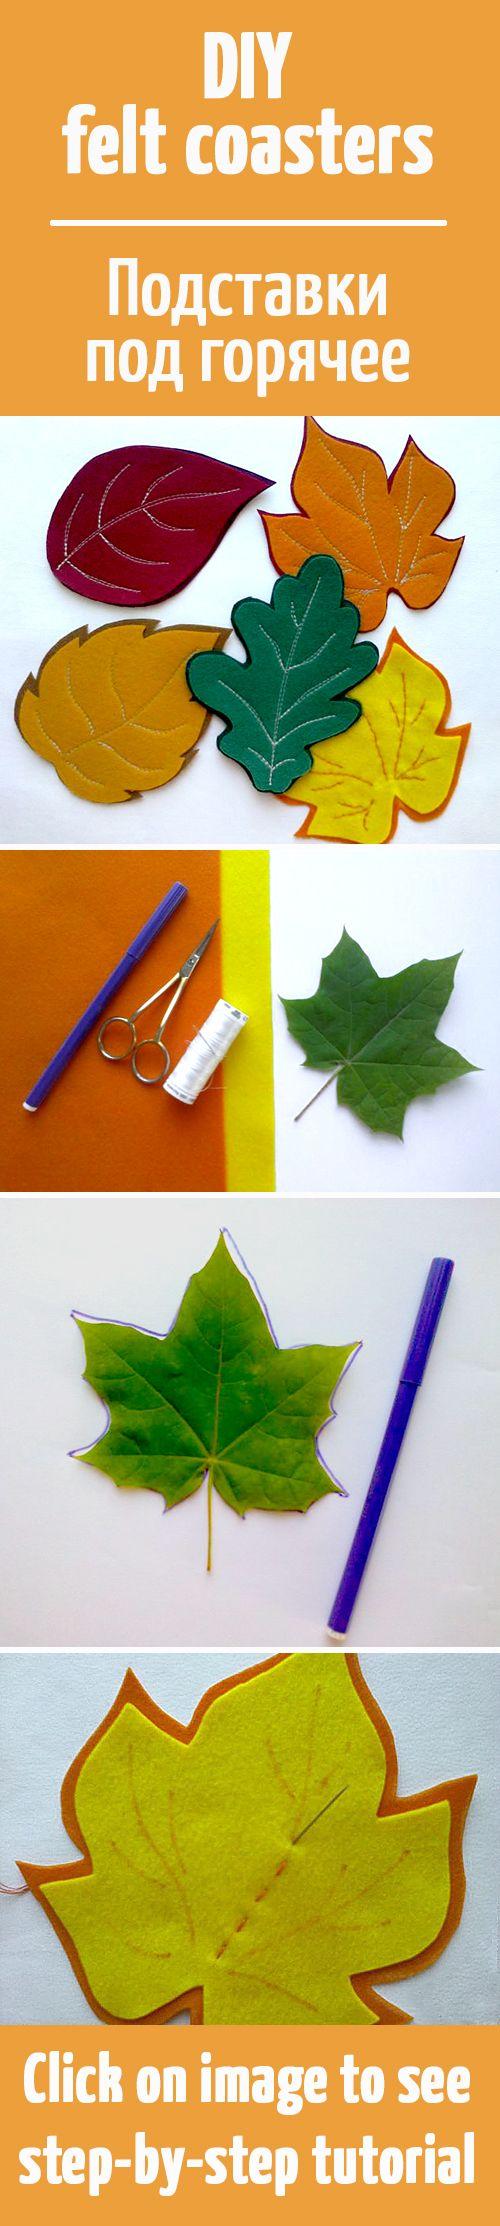 Делаем из фетра подставки под чашку «Осенние листья» / DIY felt coasters